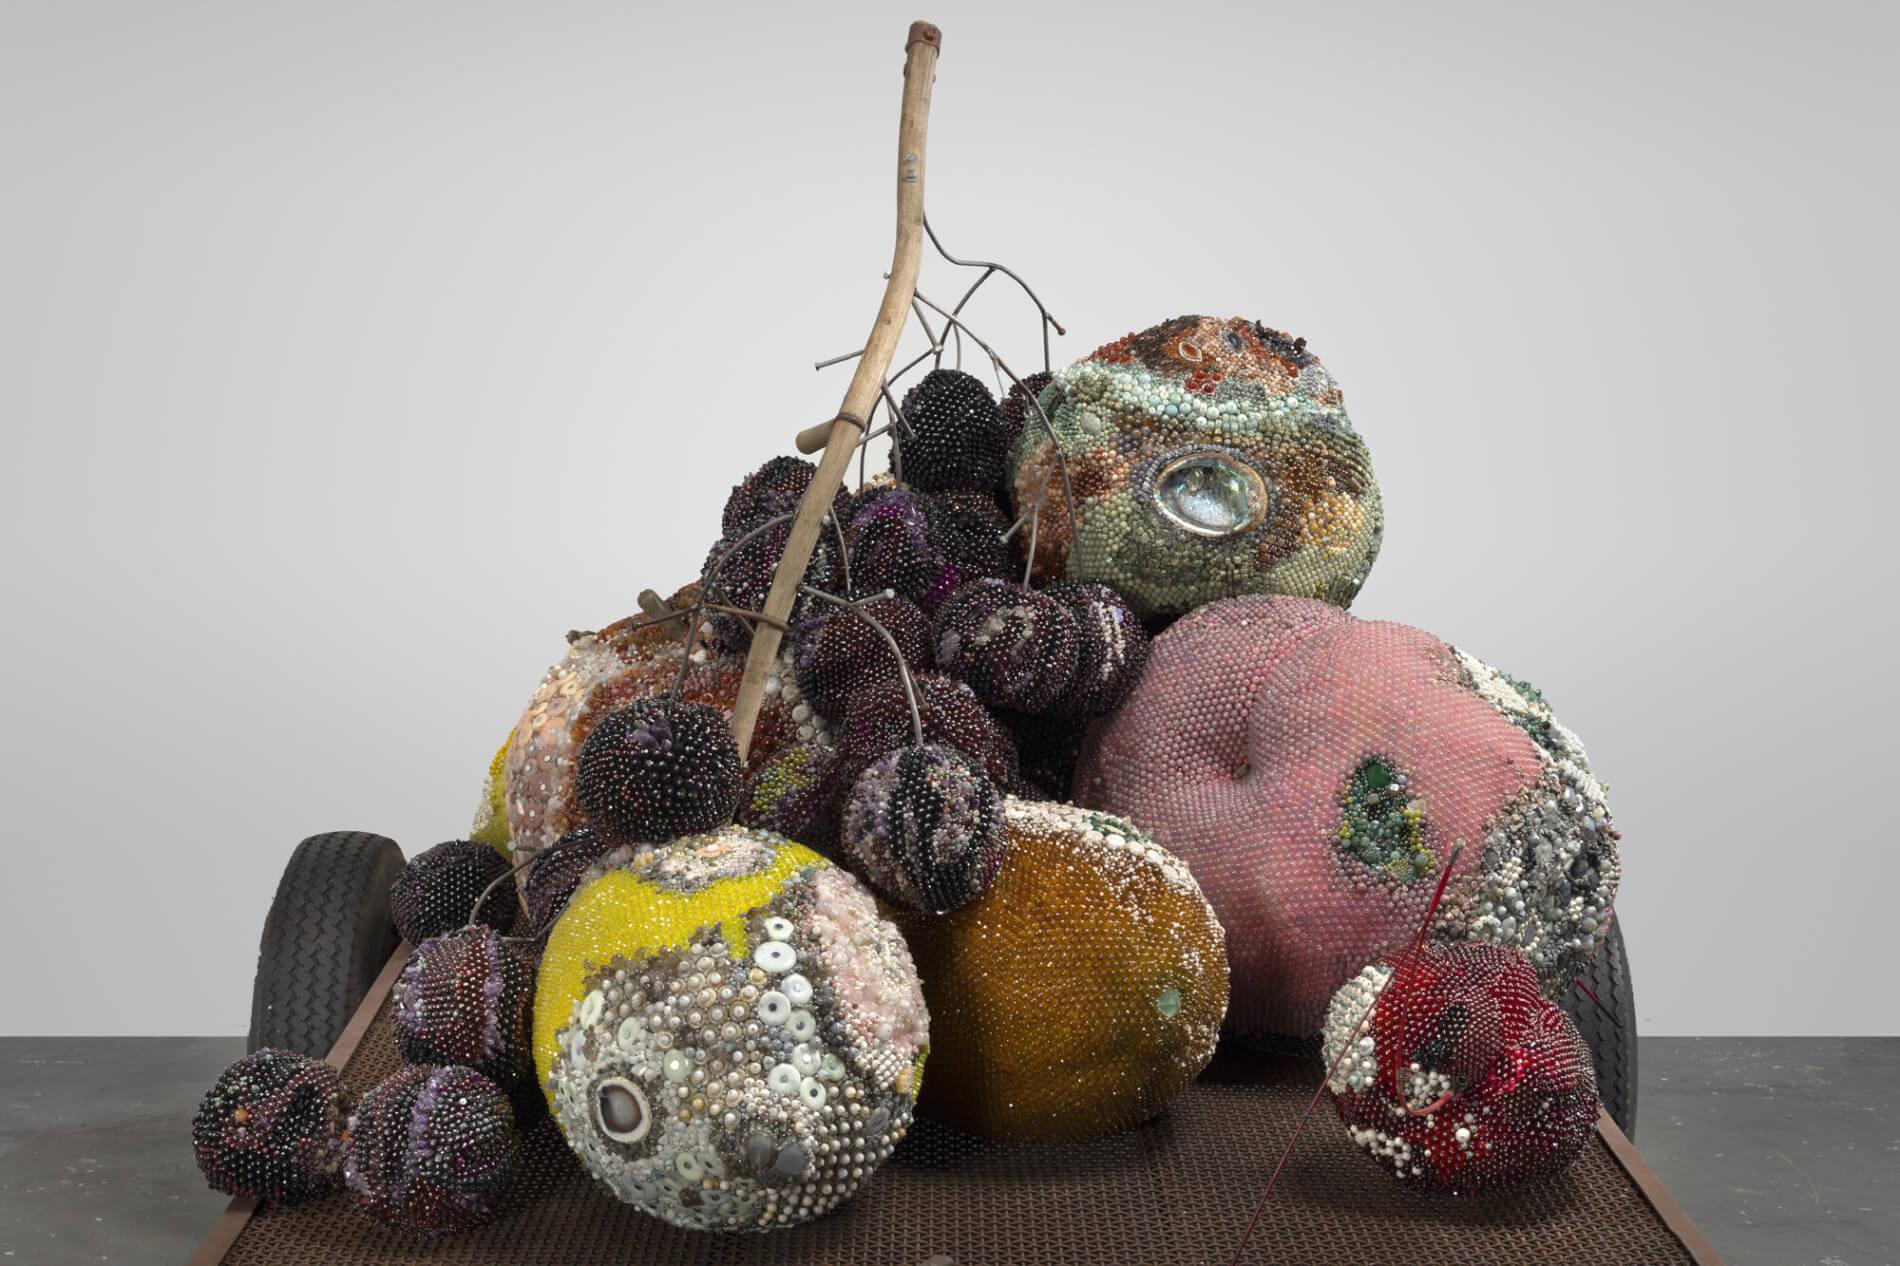 frutas podridas KATHLEEN RYAN